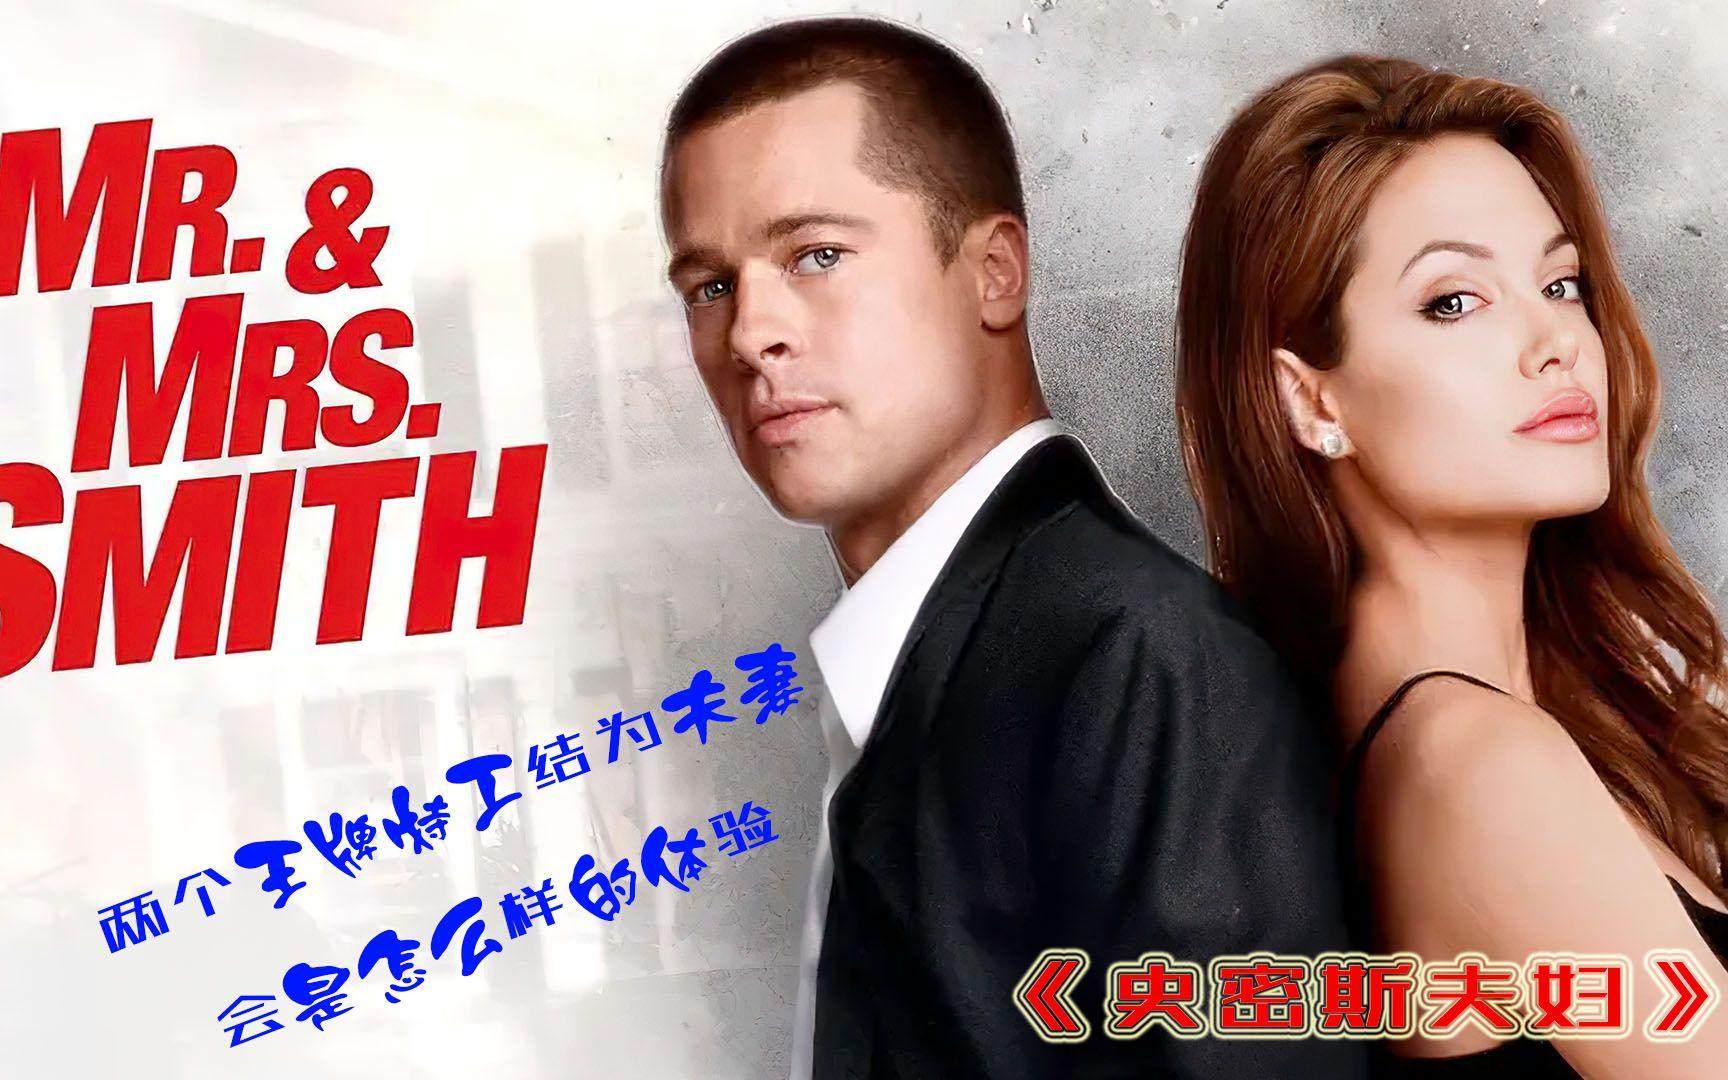 史密斯夫妇:扮猪吃老虎的女人,千万小心